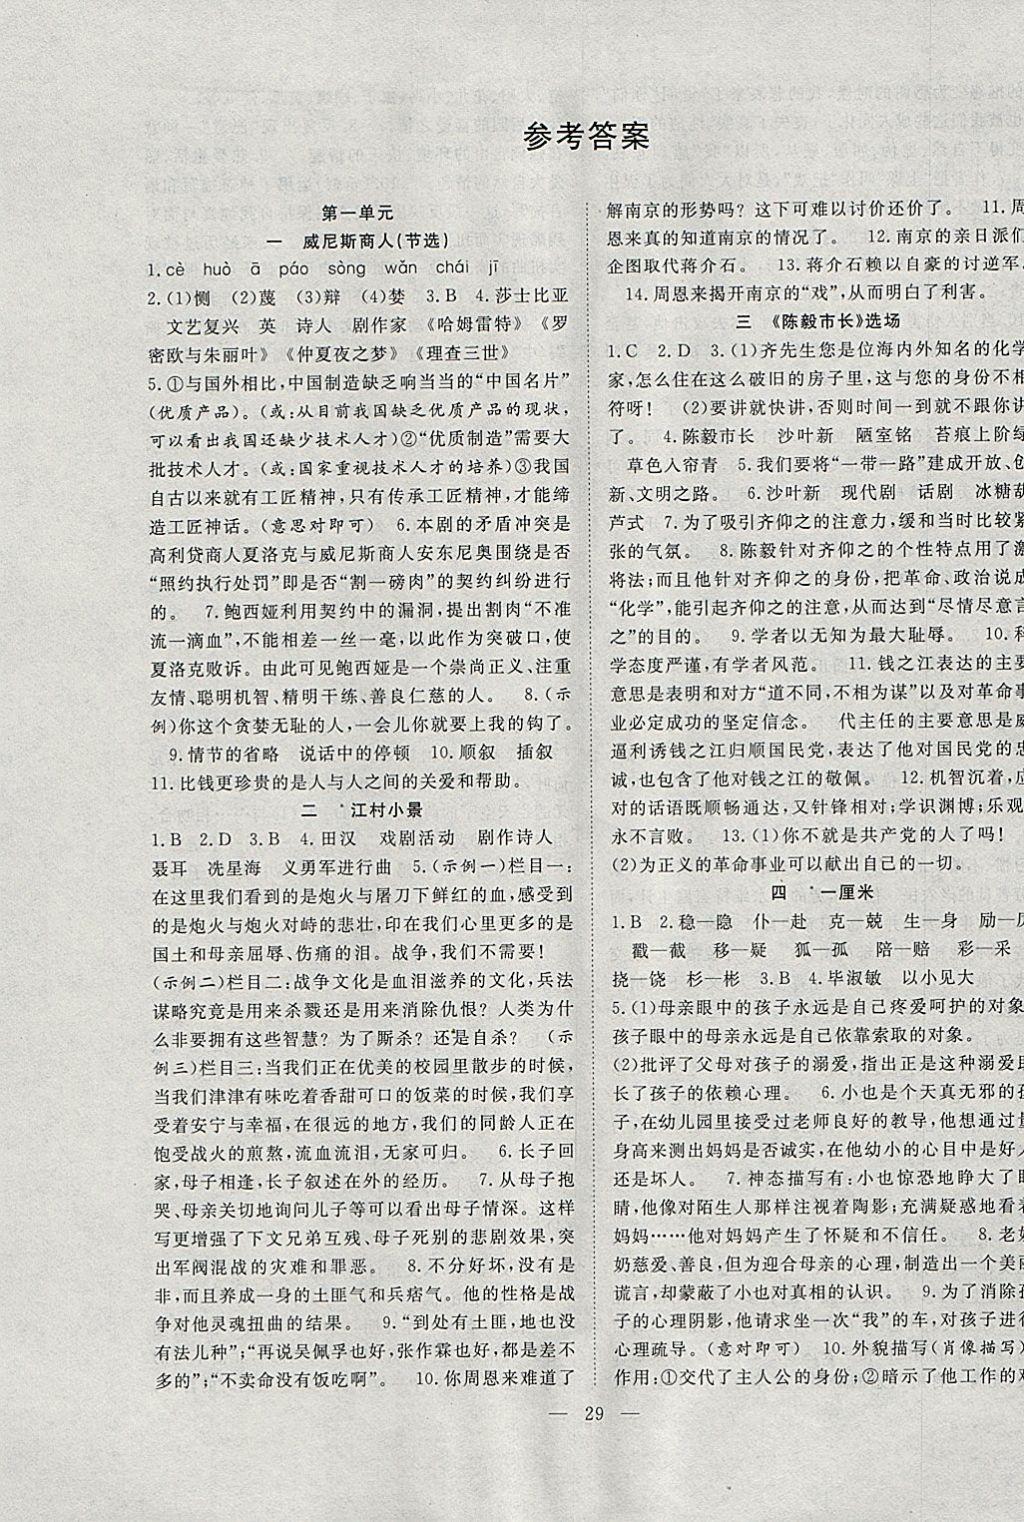 2018年全频道同步课时作业九年级语文下册苏教版参考答案第1页